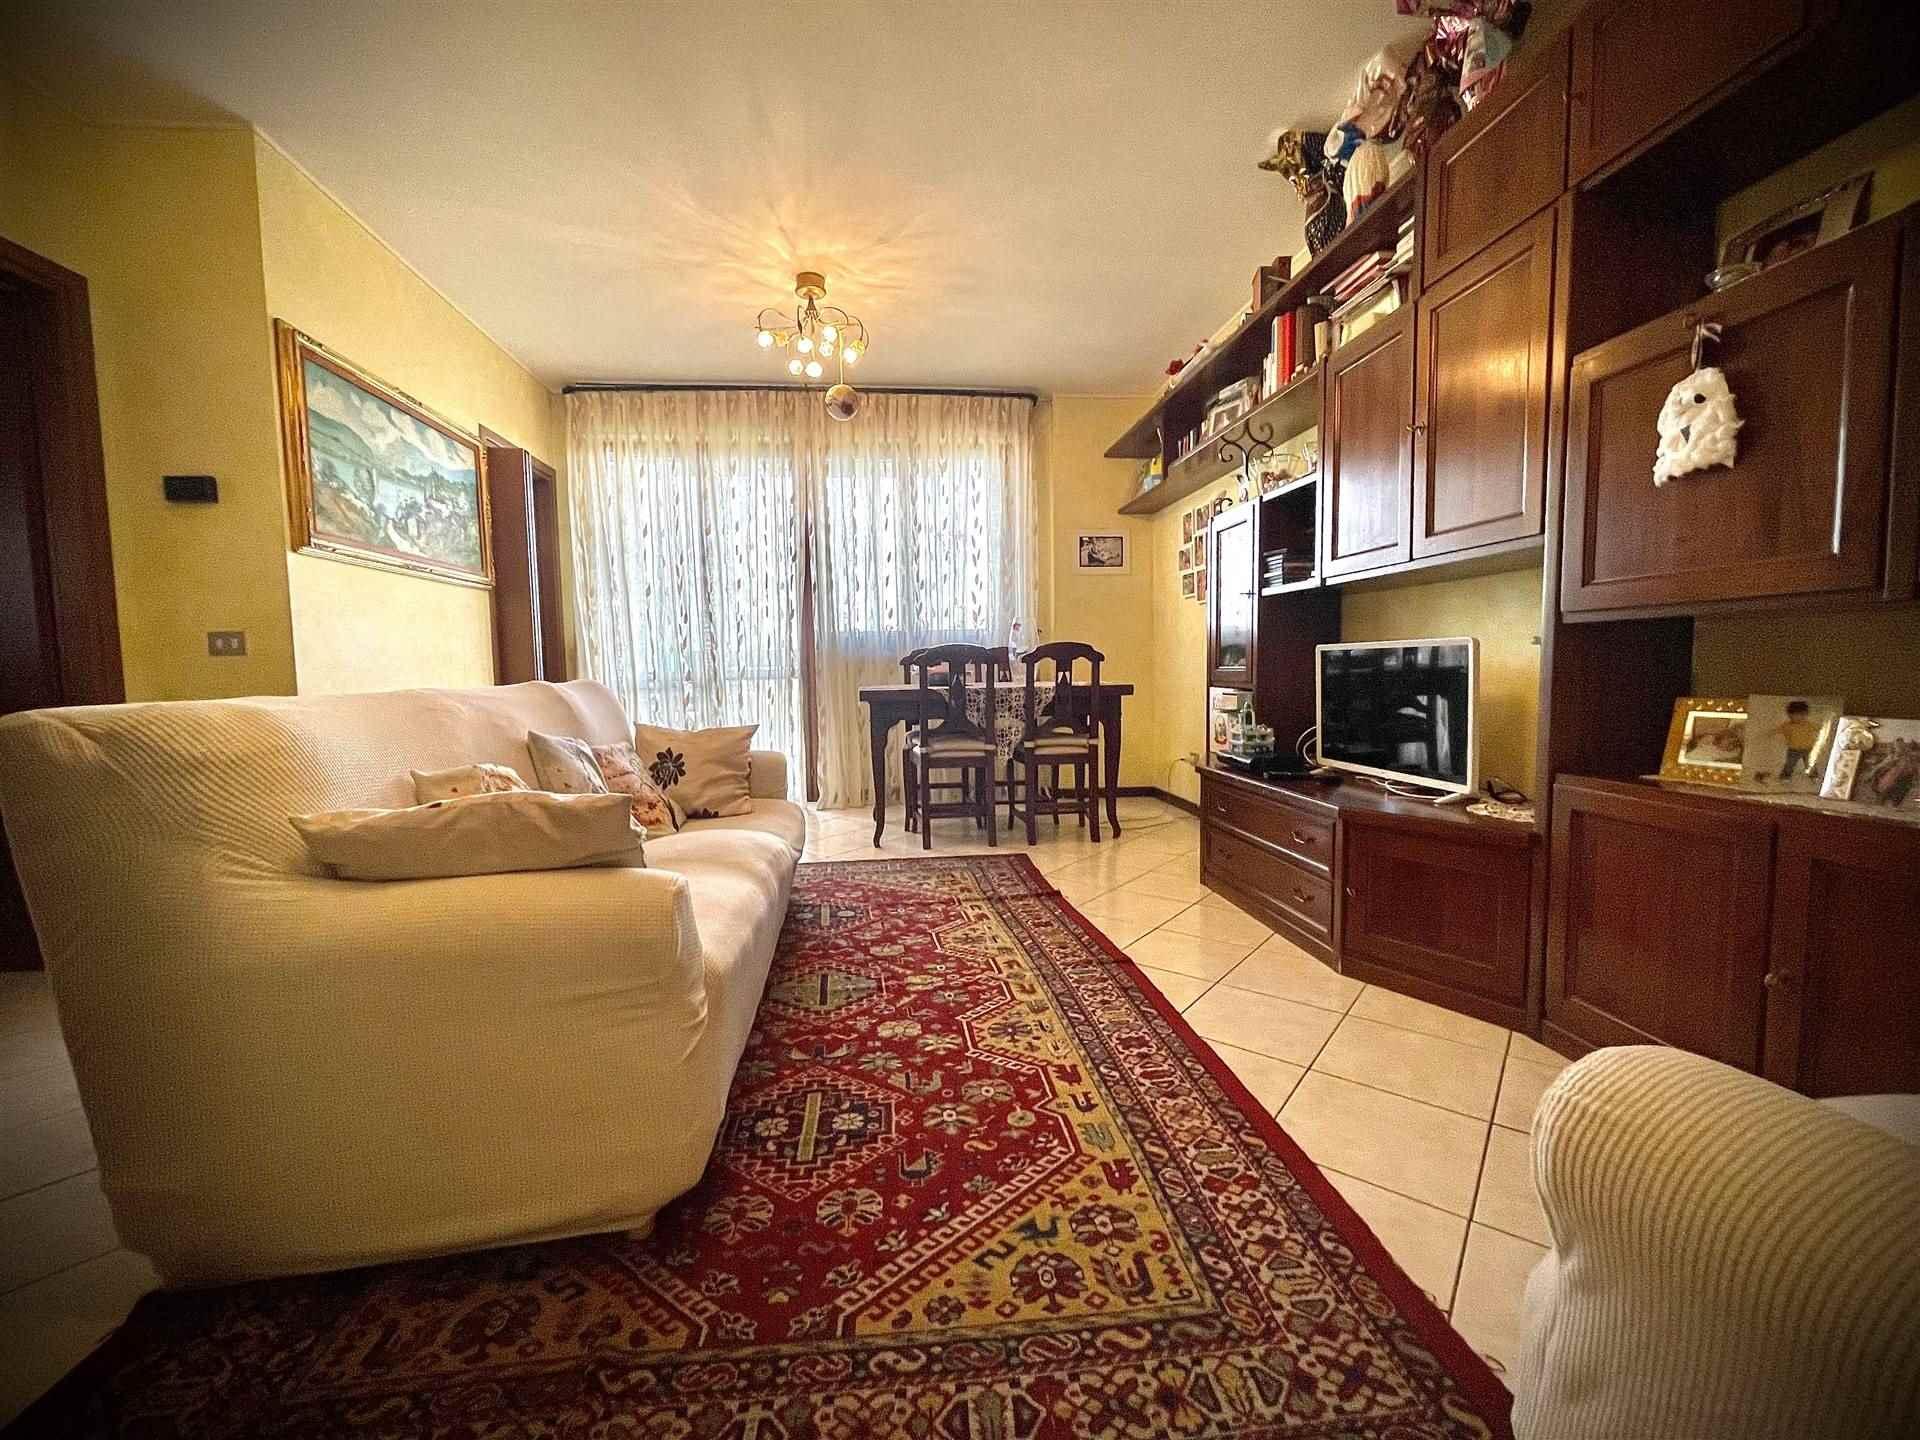 Appartamento in vendita a Carpiano, 4 locali, zona Località: DRAGHETTO, prezzo € 165.000 | PortaleAgenzieImmobiliari.it